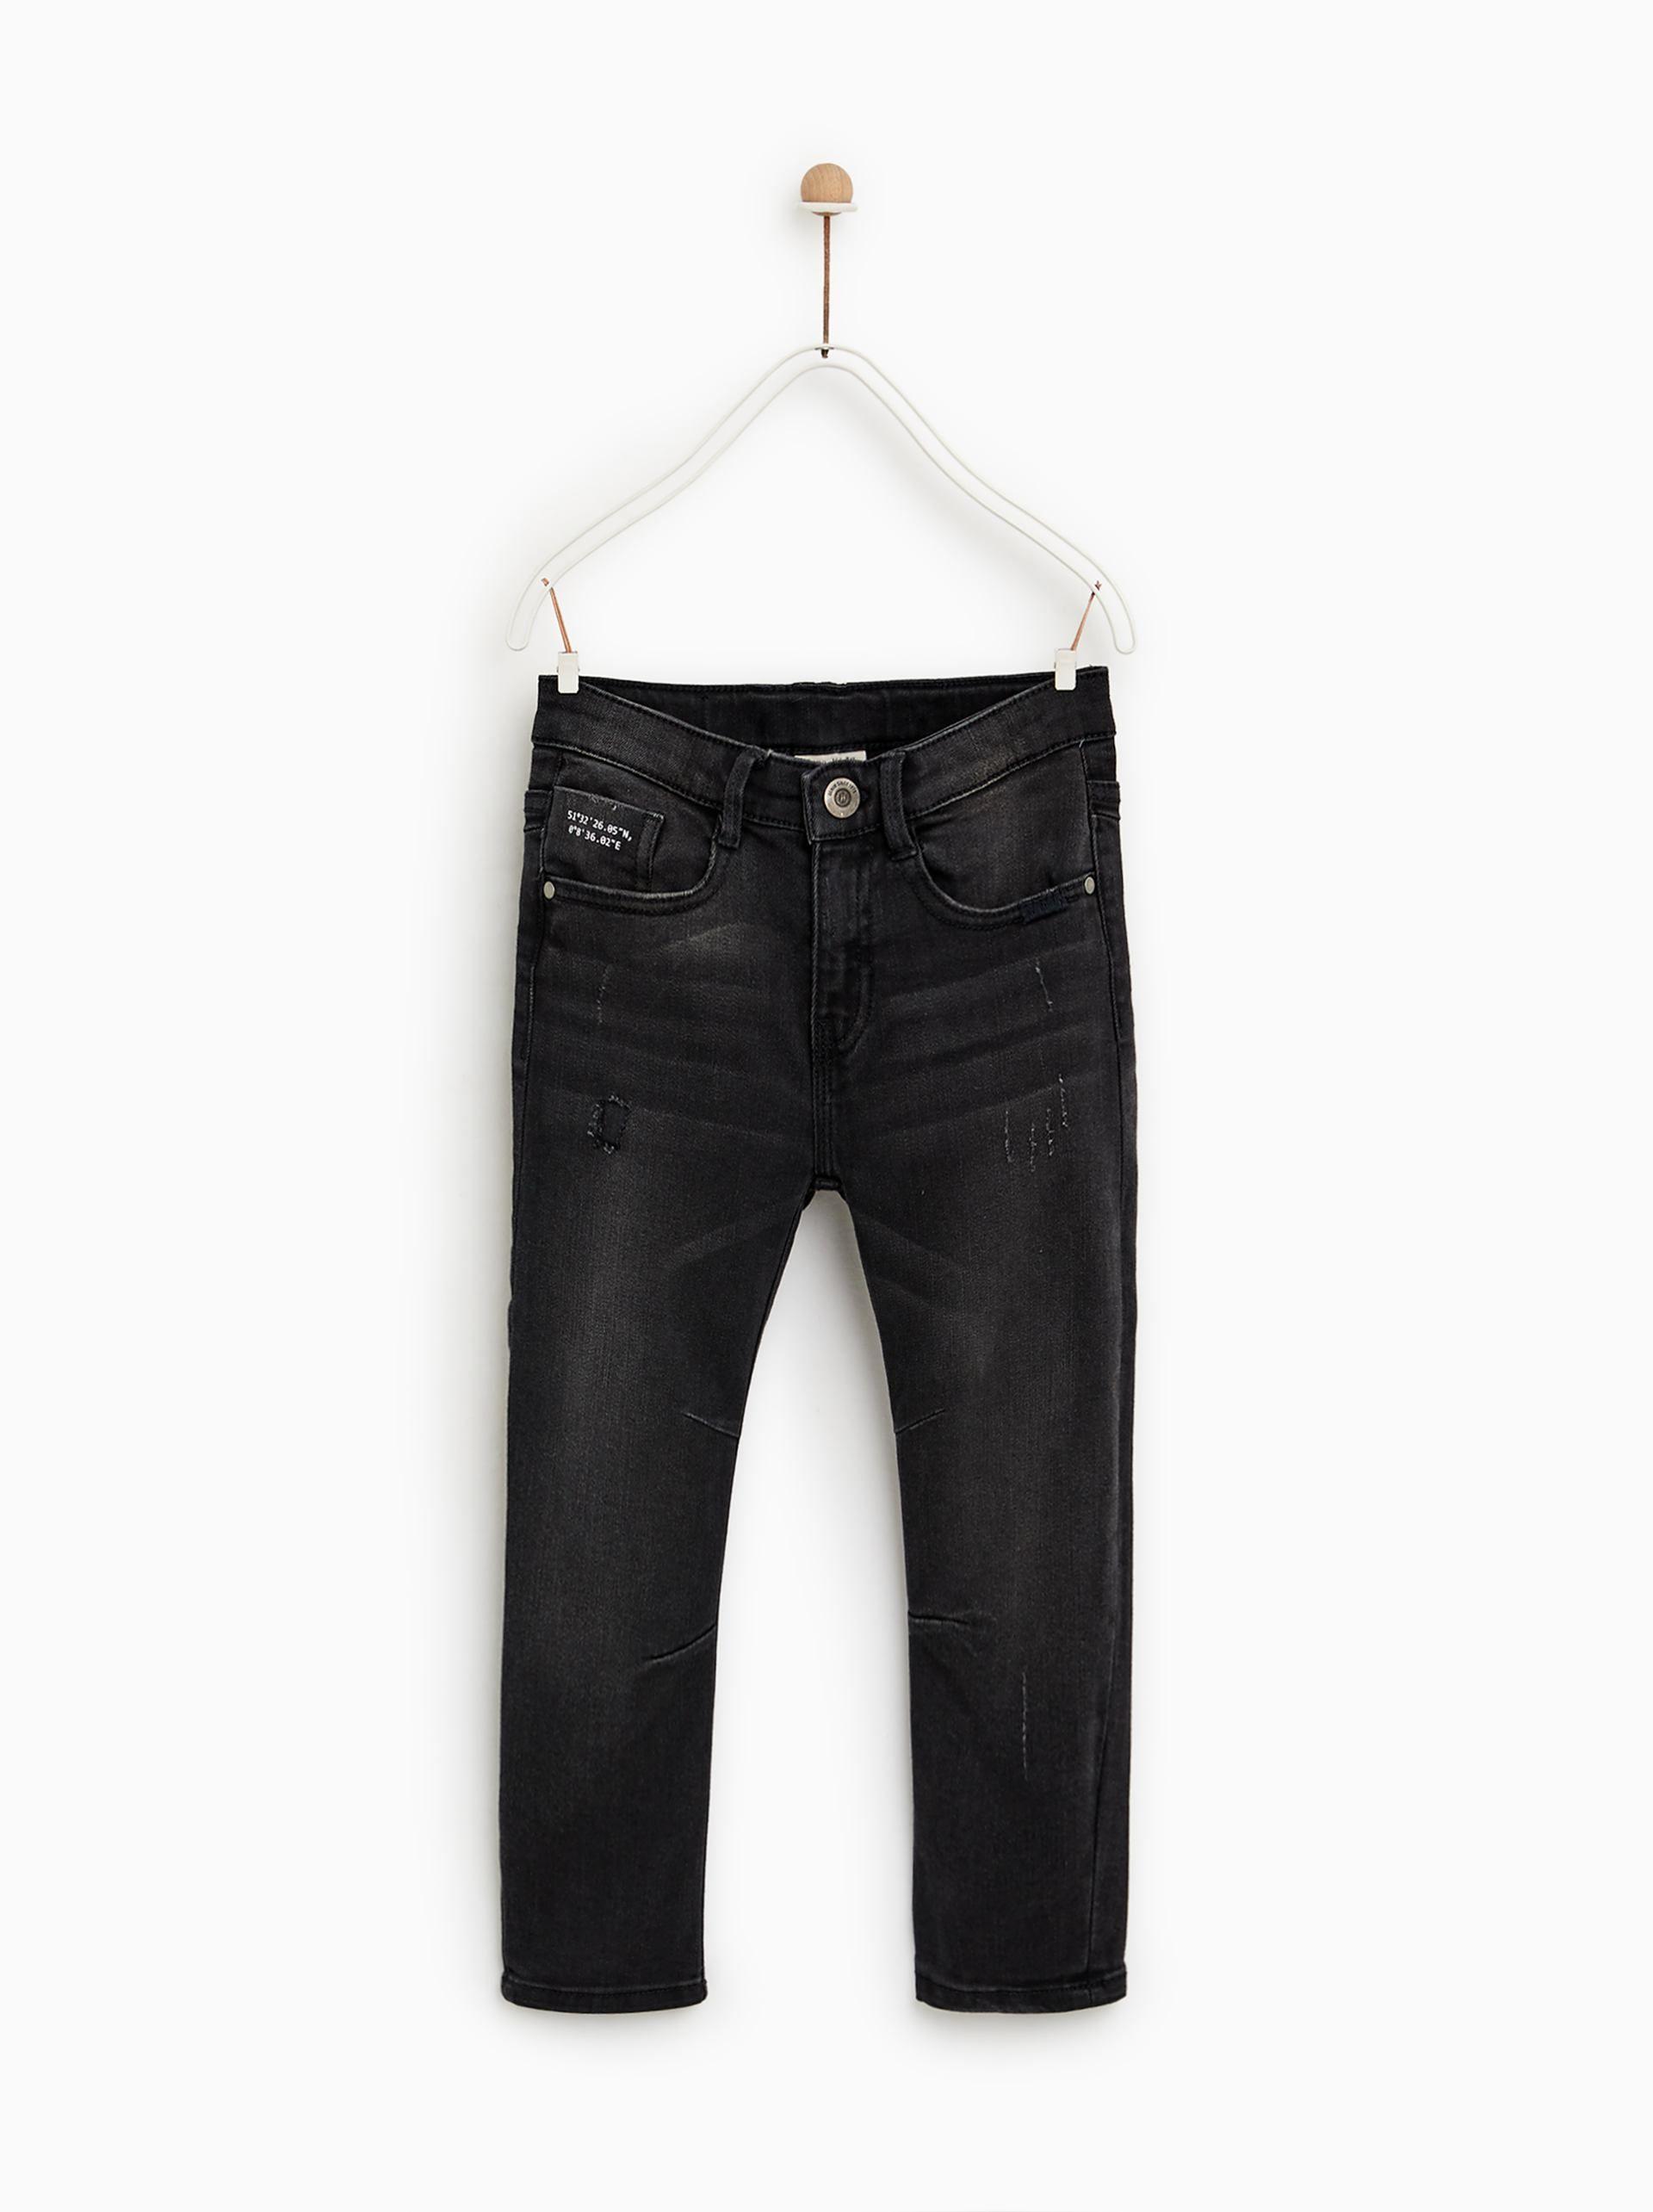 Jeans Low Fit Zara Fashion Super Skinny Jeans Jeans